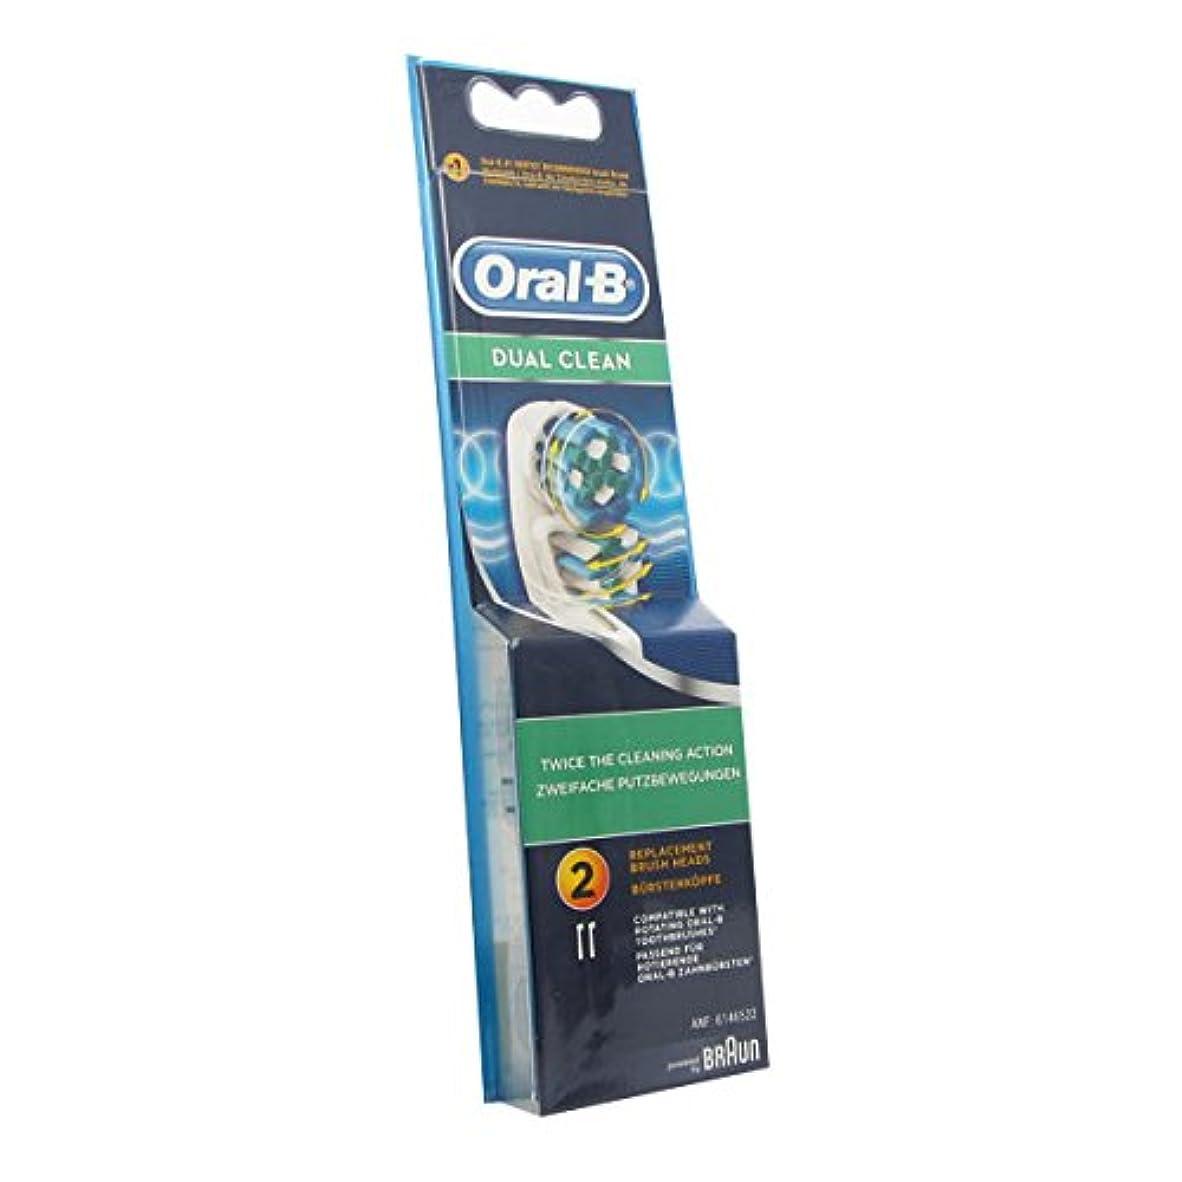 データアーネストシャクルトン死傷者Oral B Dual Clean Replacement Brush X2 [並行輸入品]